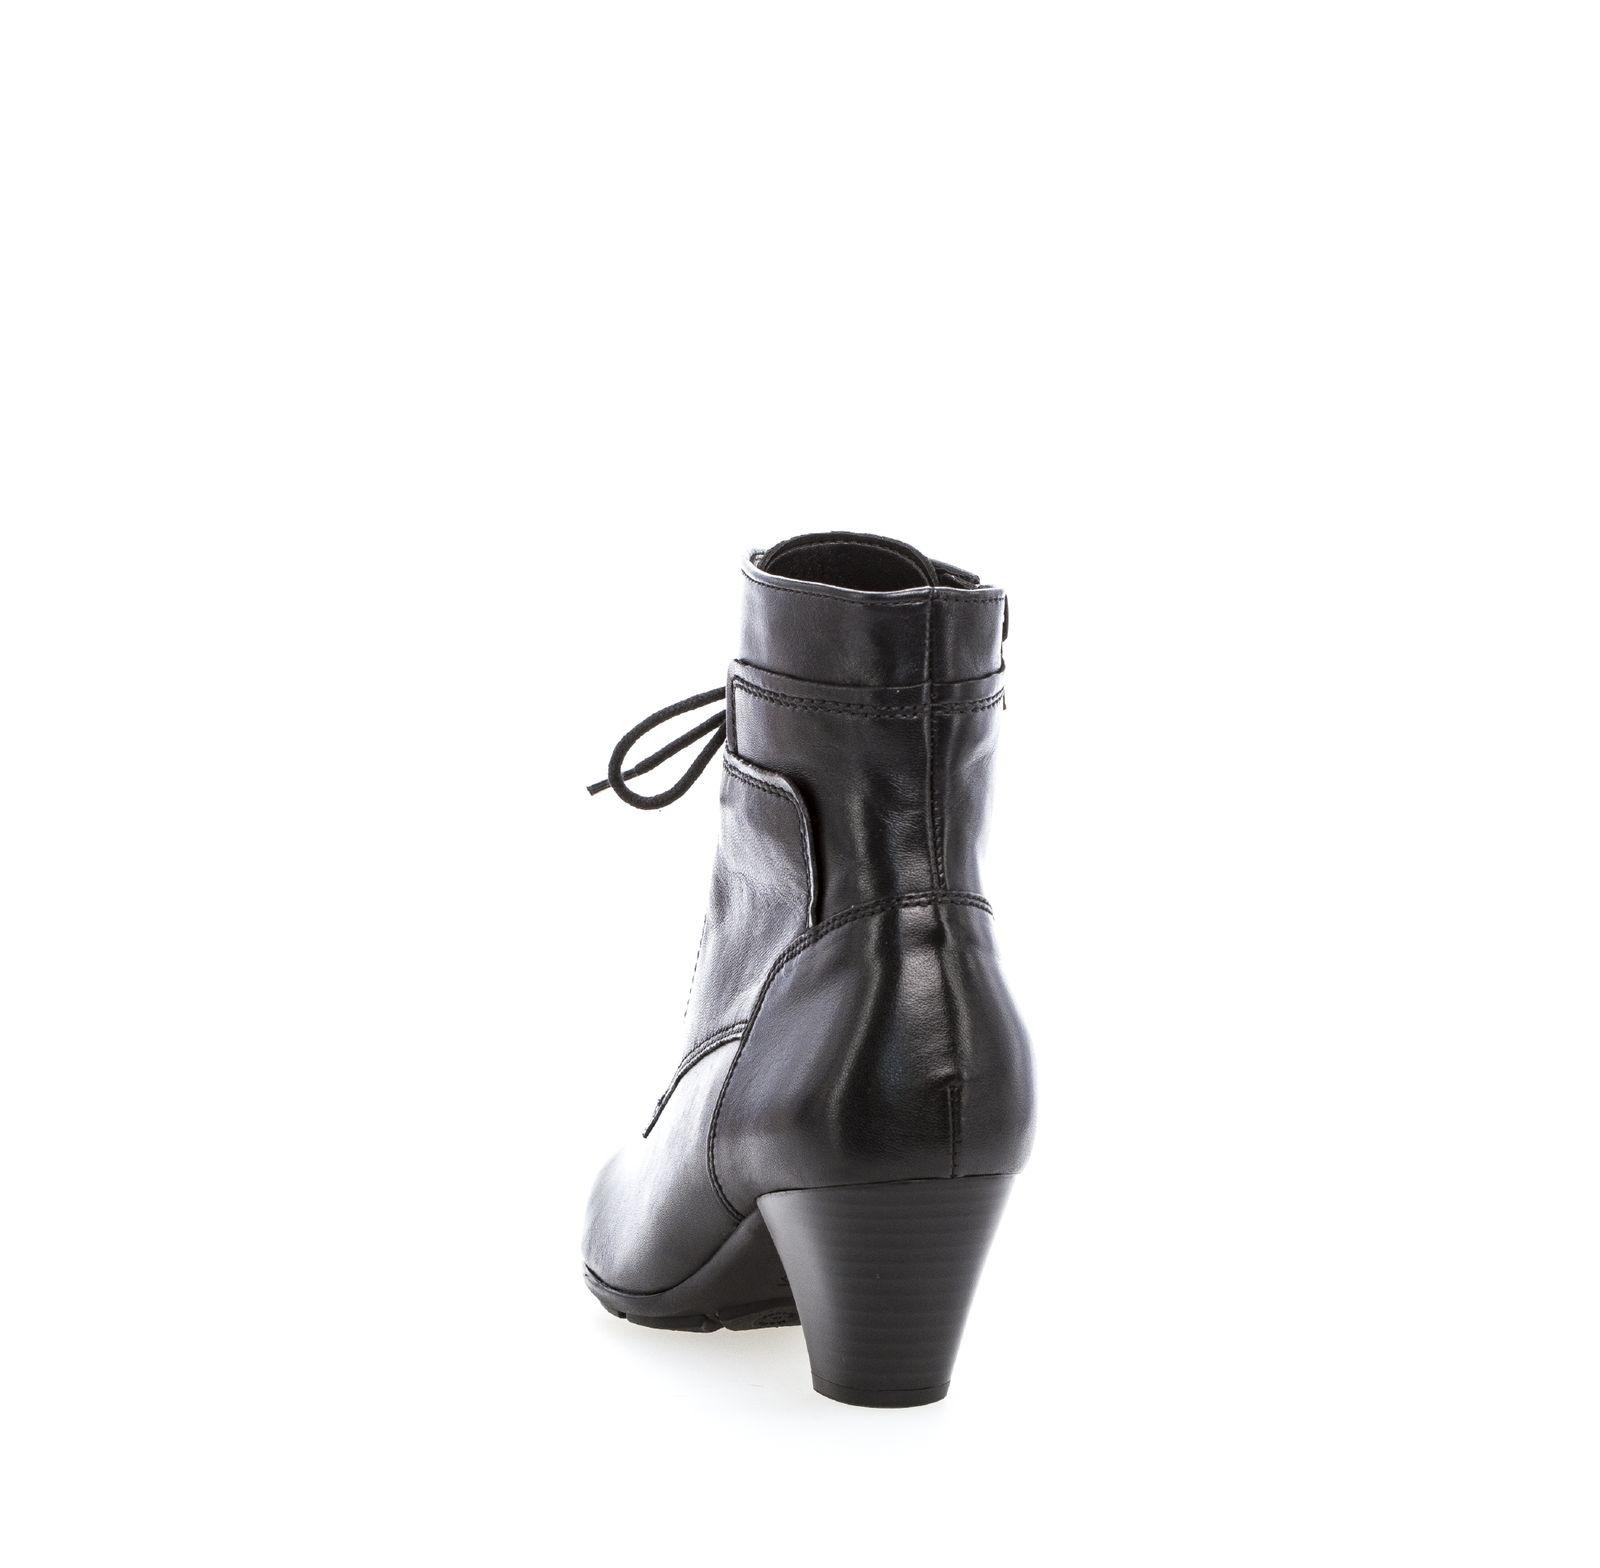 Gabor Damen Schnürstiefelette 75.644.87 schwarz Damenschuhe Stiefel ... f460f14ff4